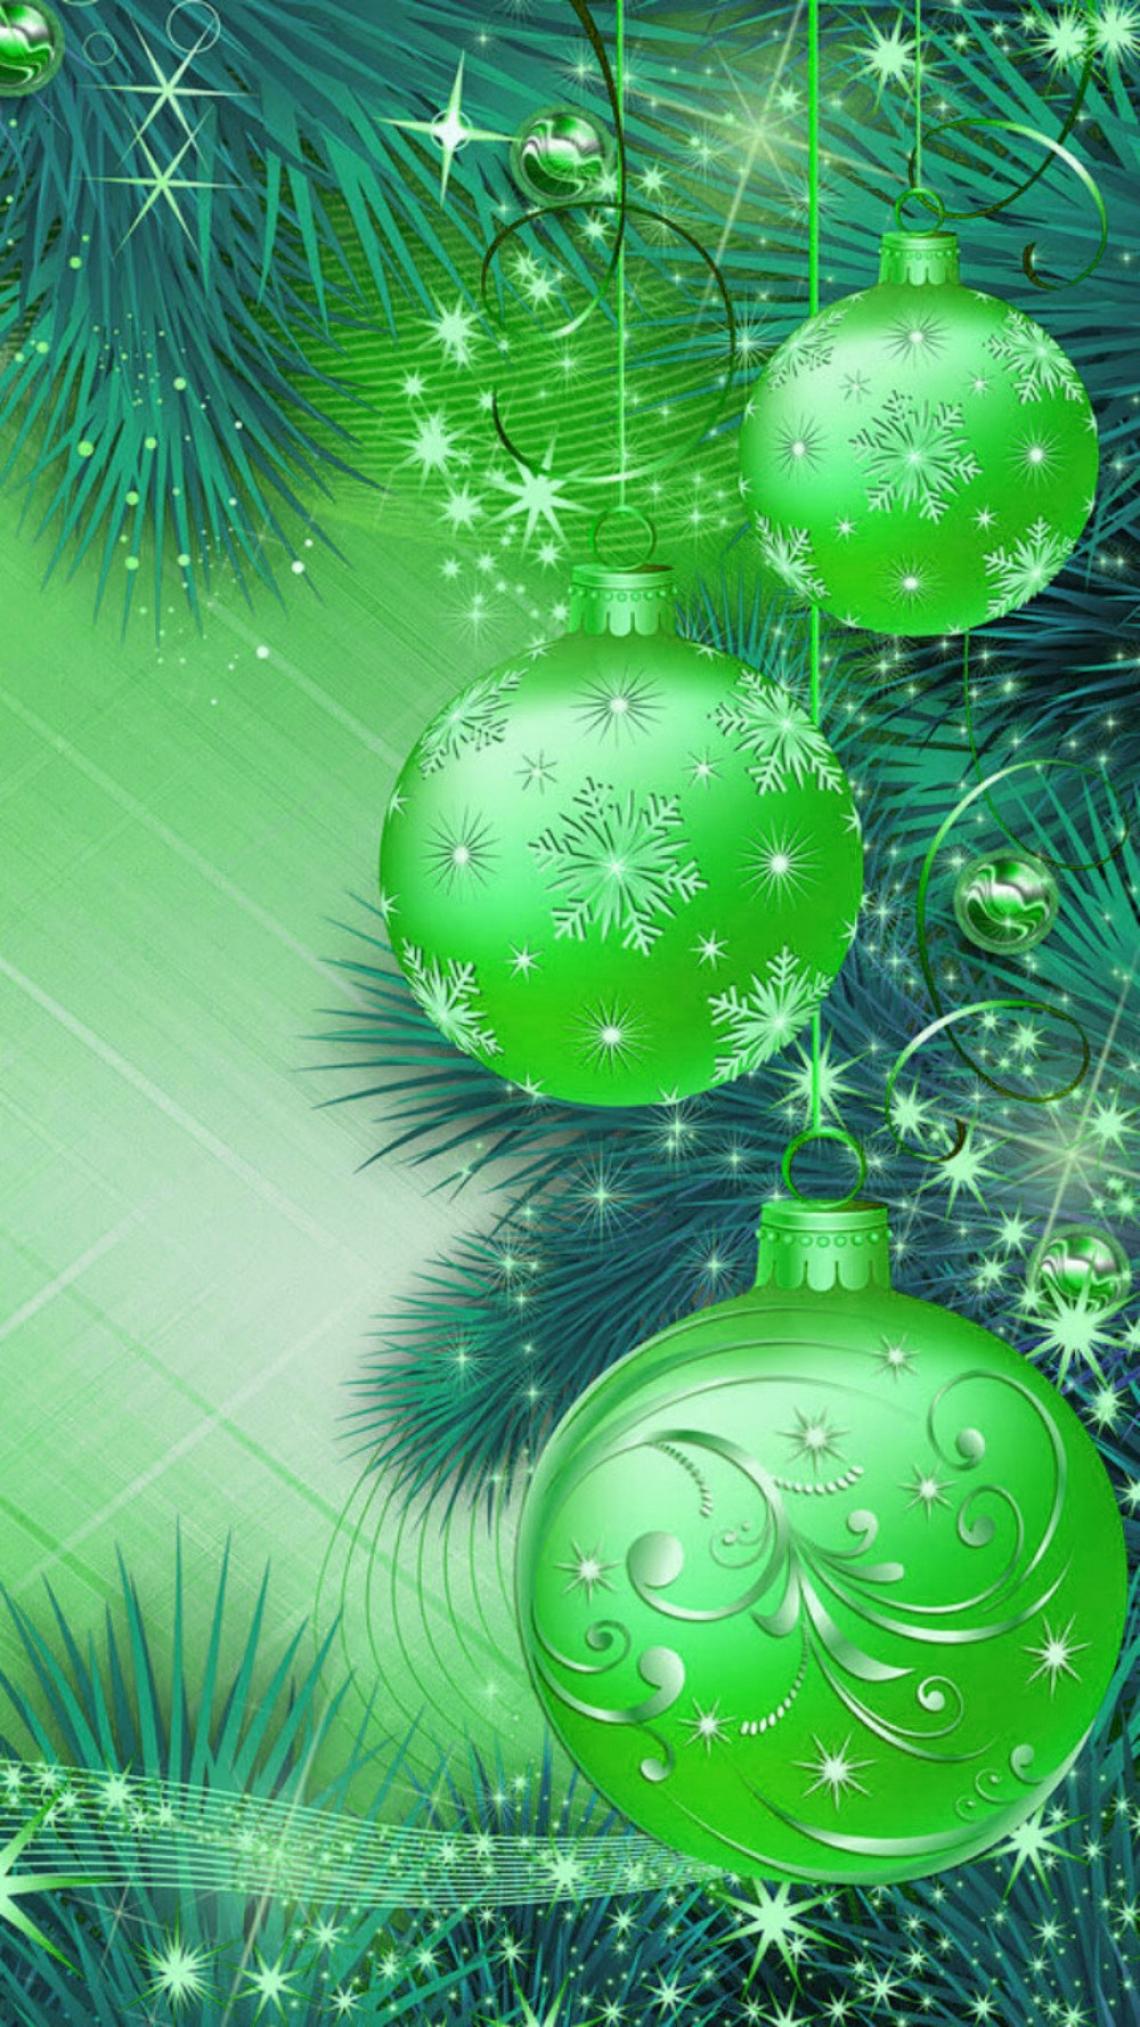 Новогодние Обои На Телефон Андроид Вертикальные